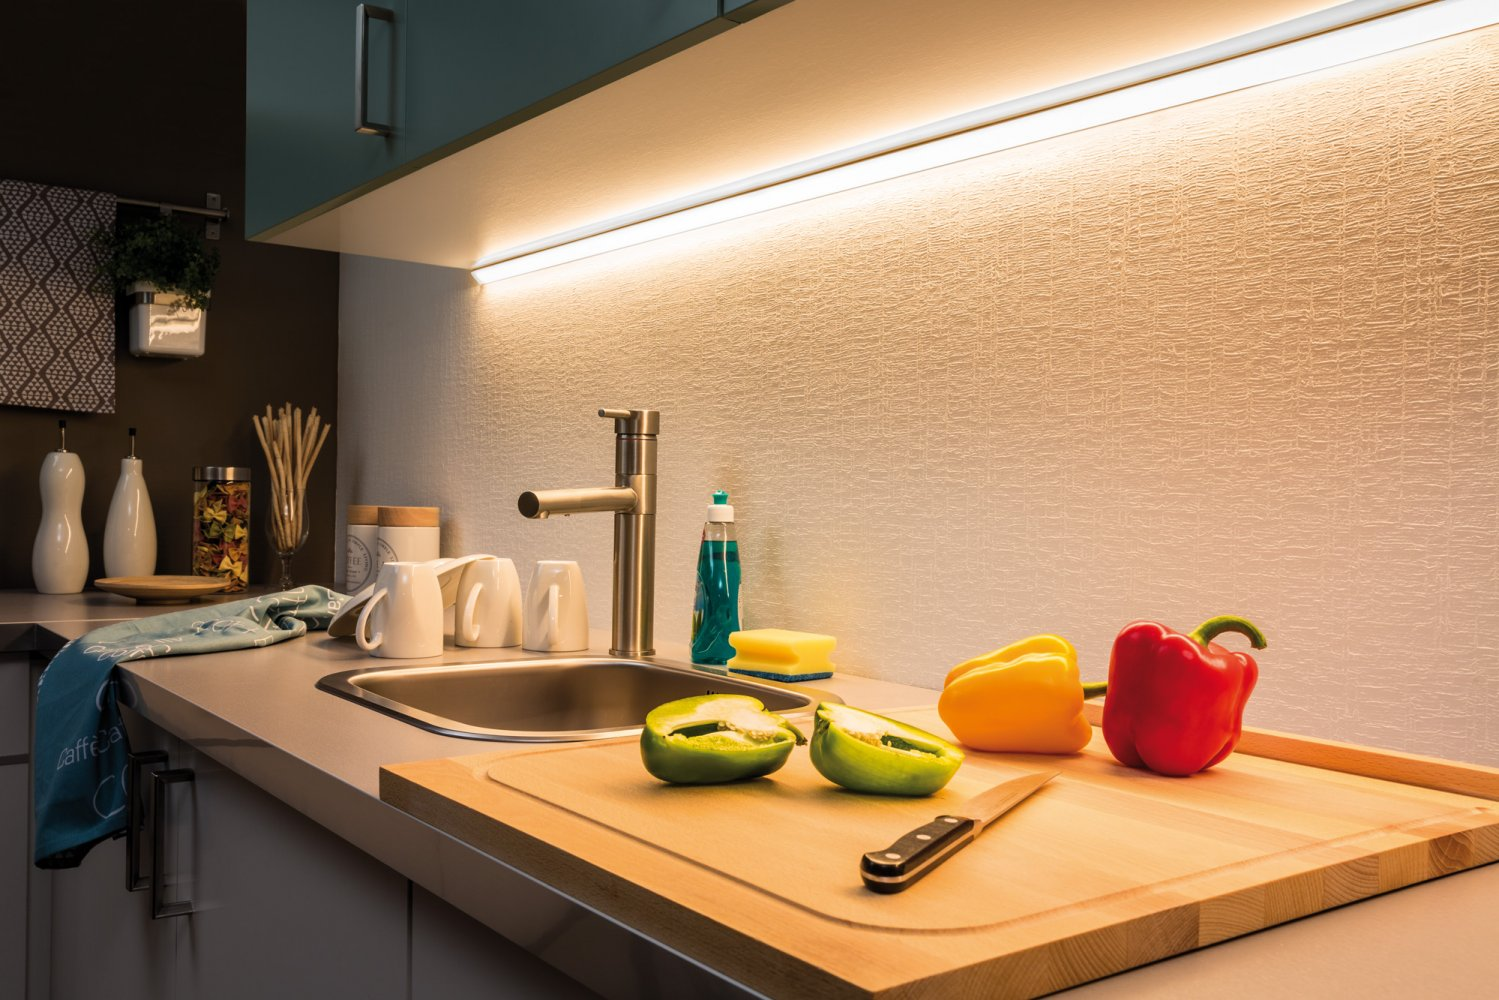 paulmann no. 70676 maxled 1000 strip 1m warmweiß beschichtet , eur ... - Küchenbeleuchtung Unterbau Led